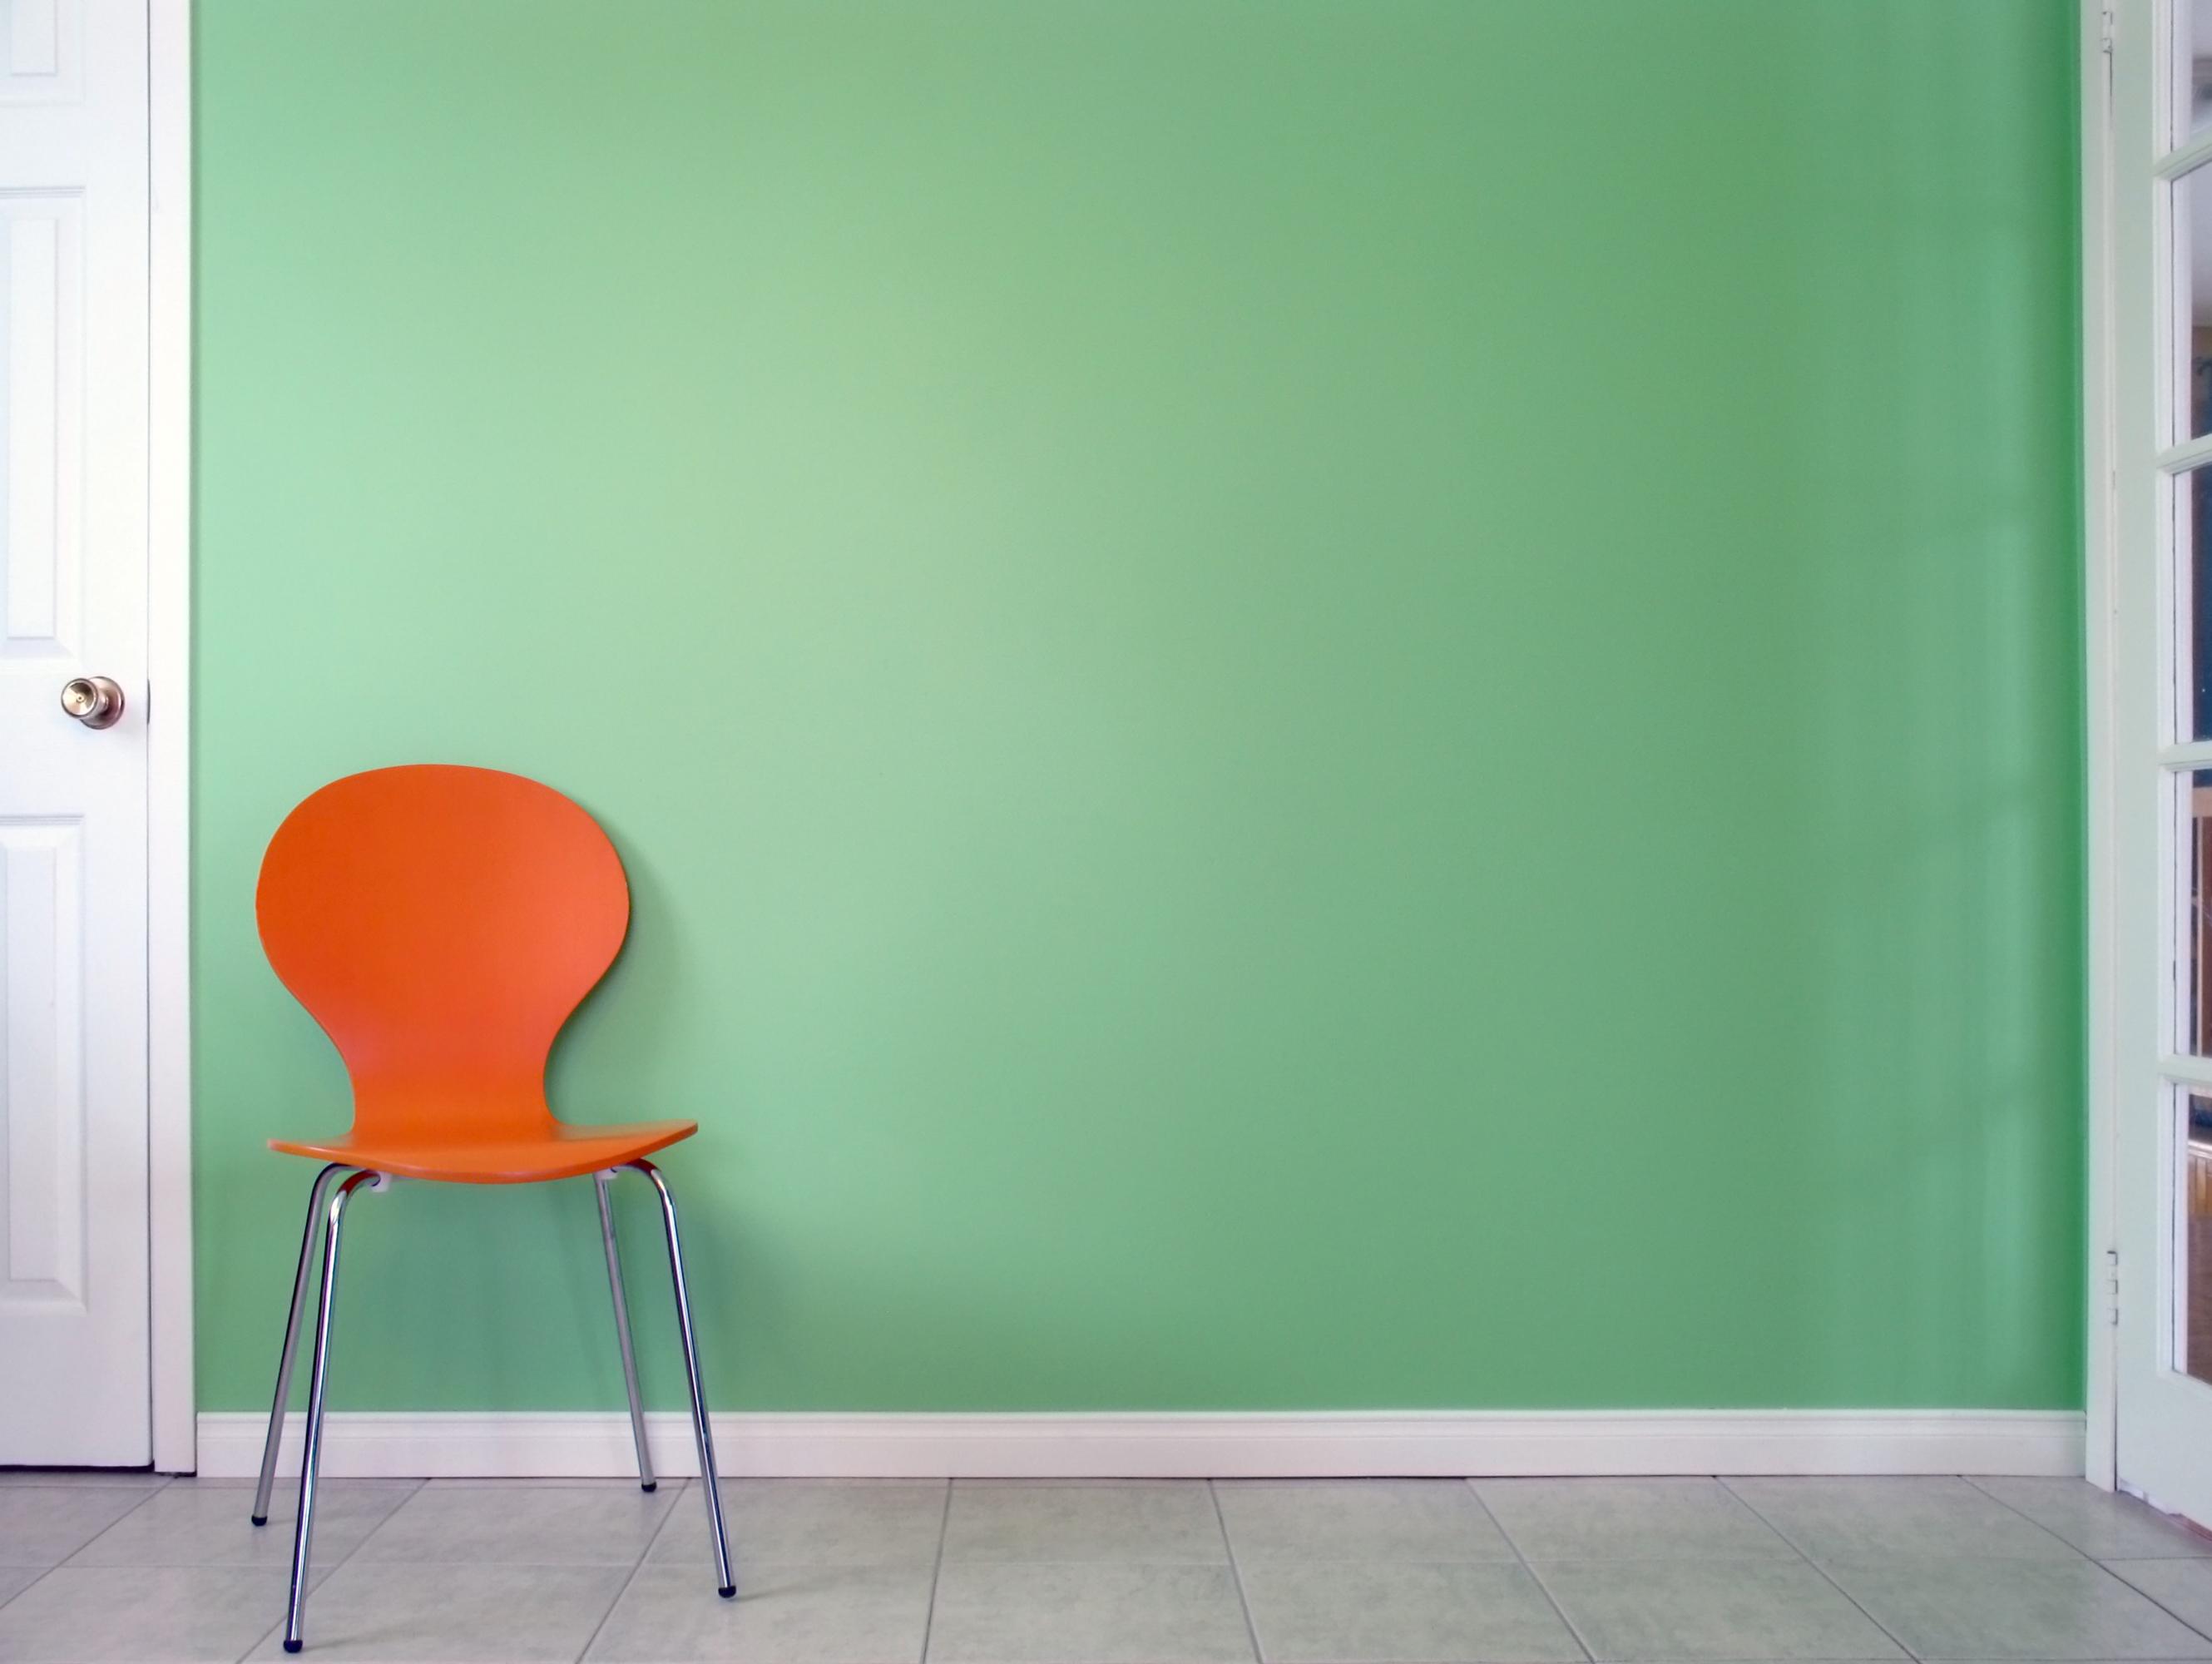 emptychair.jpg